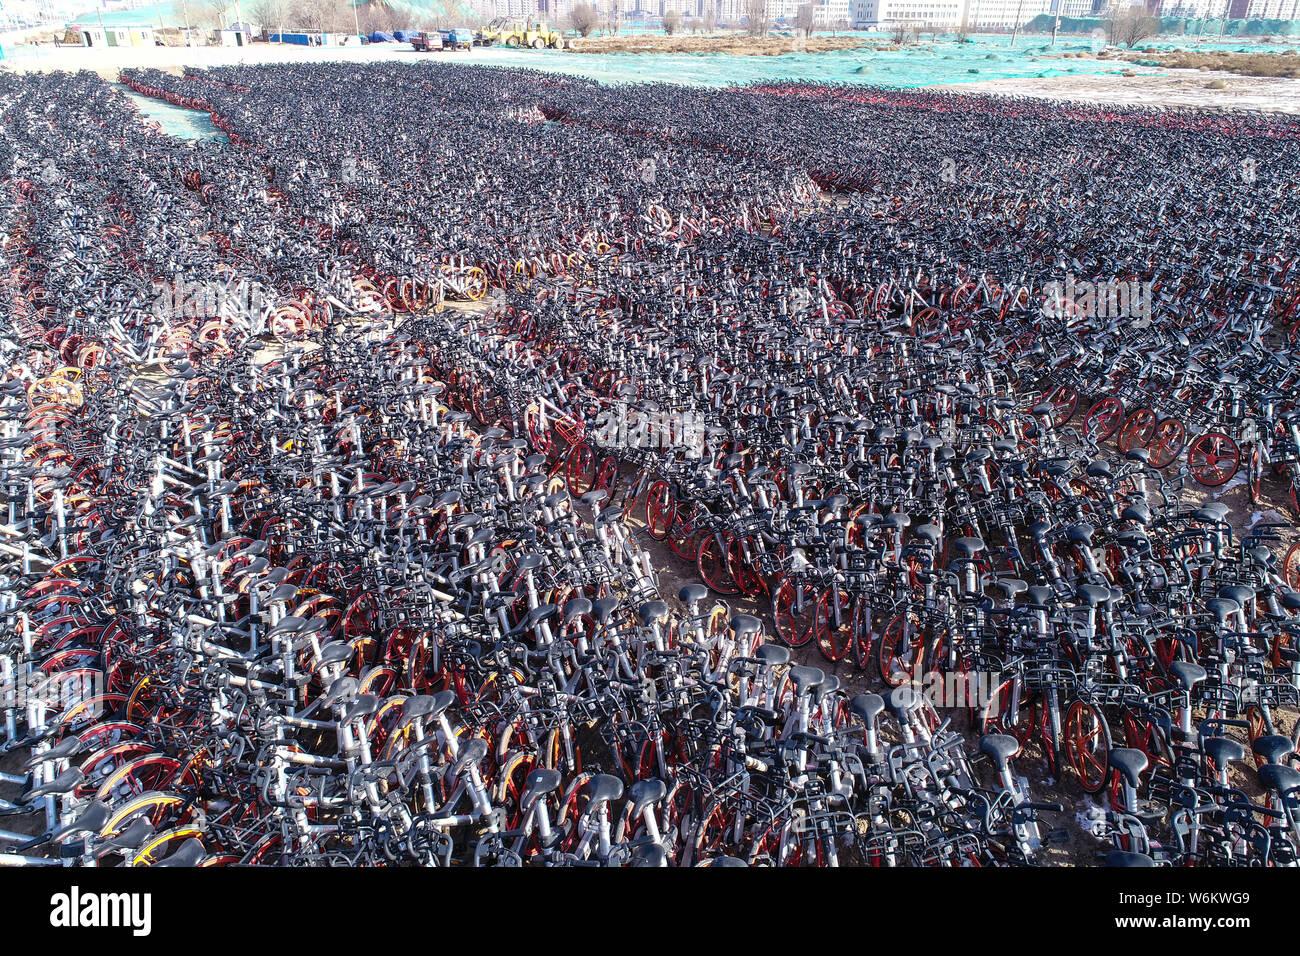 Miles de bicicletas de servicio de bicicletas compartidas Mobike están alineadas en un espacio abierto en la ciudad de Yinchuan, al noroeste de China, la región autónoma de Ningxia Hui Foto de stock